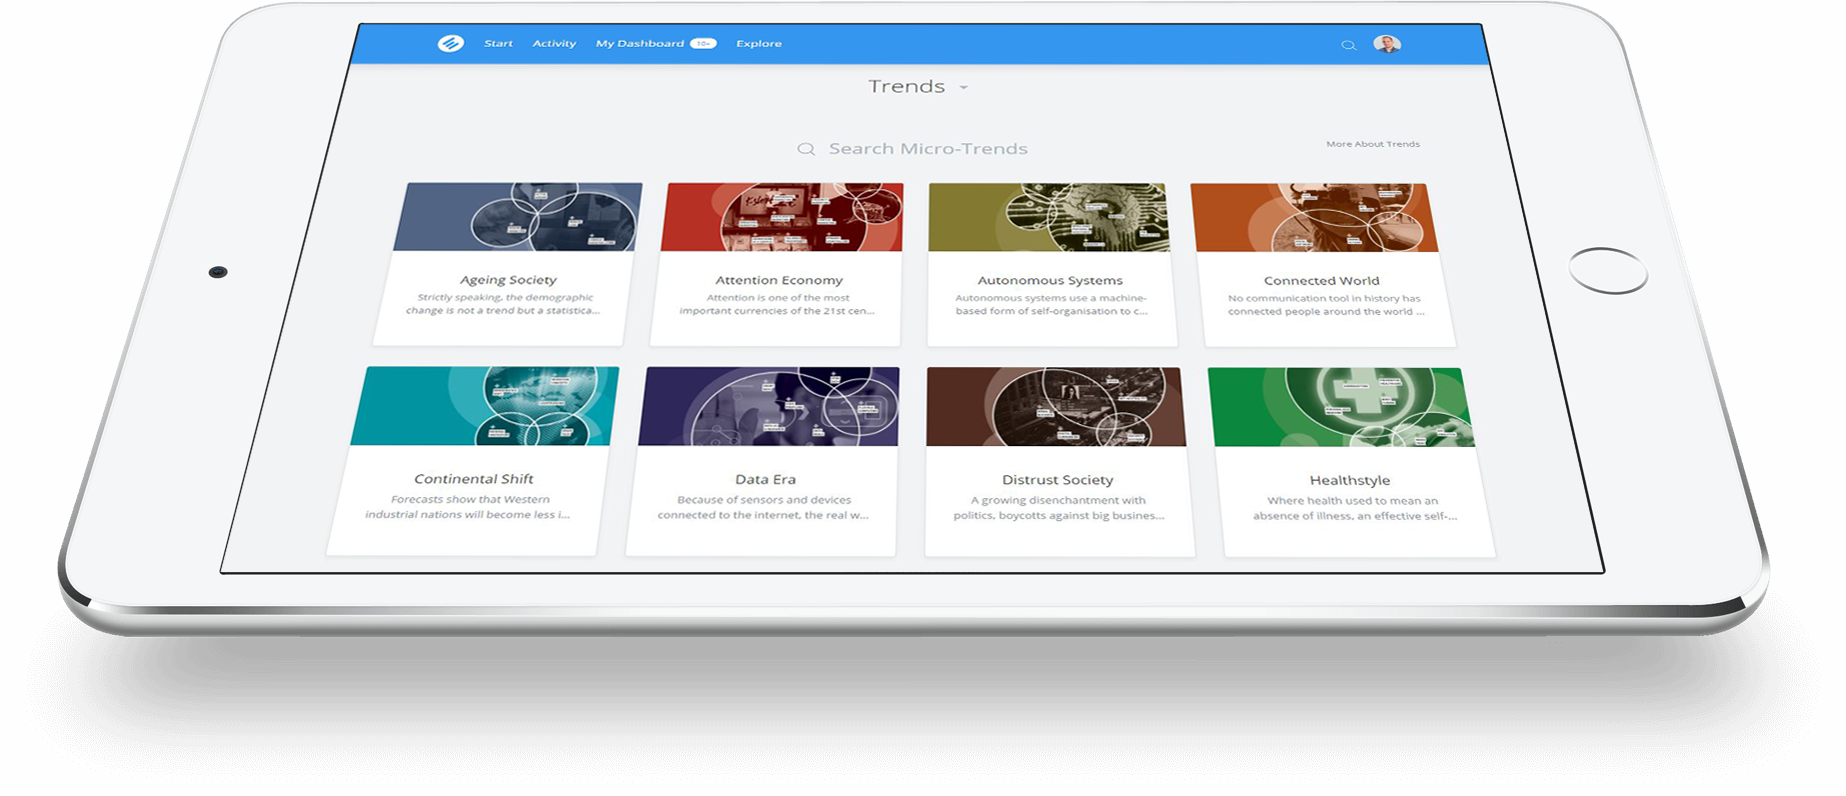 tablet-trendsexplorer-hype-innovation